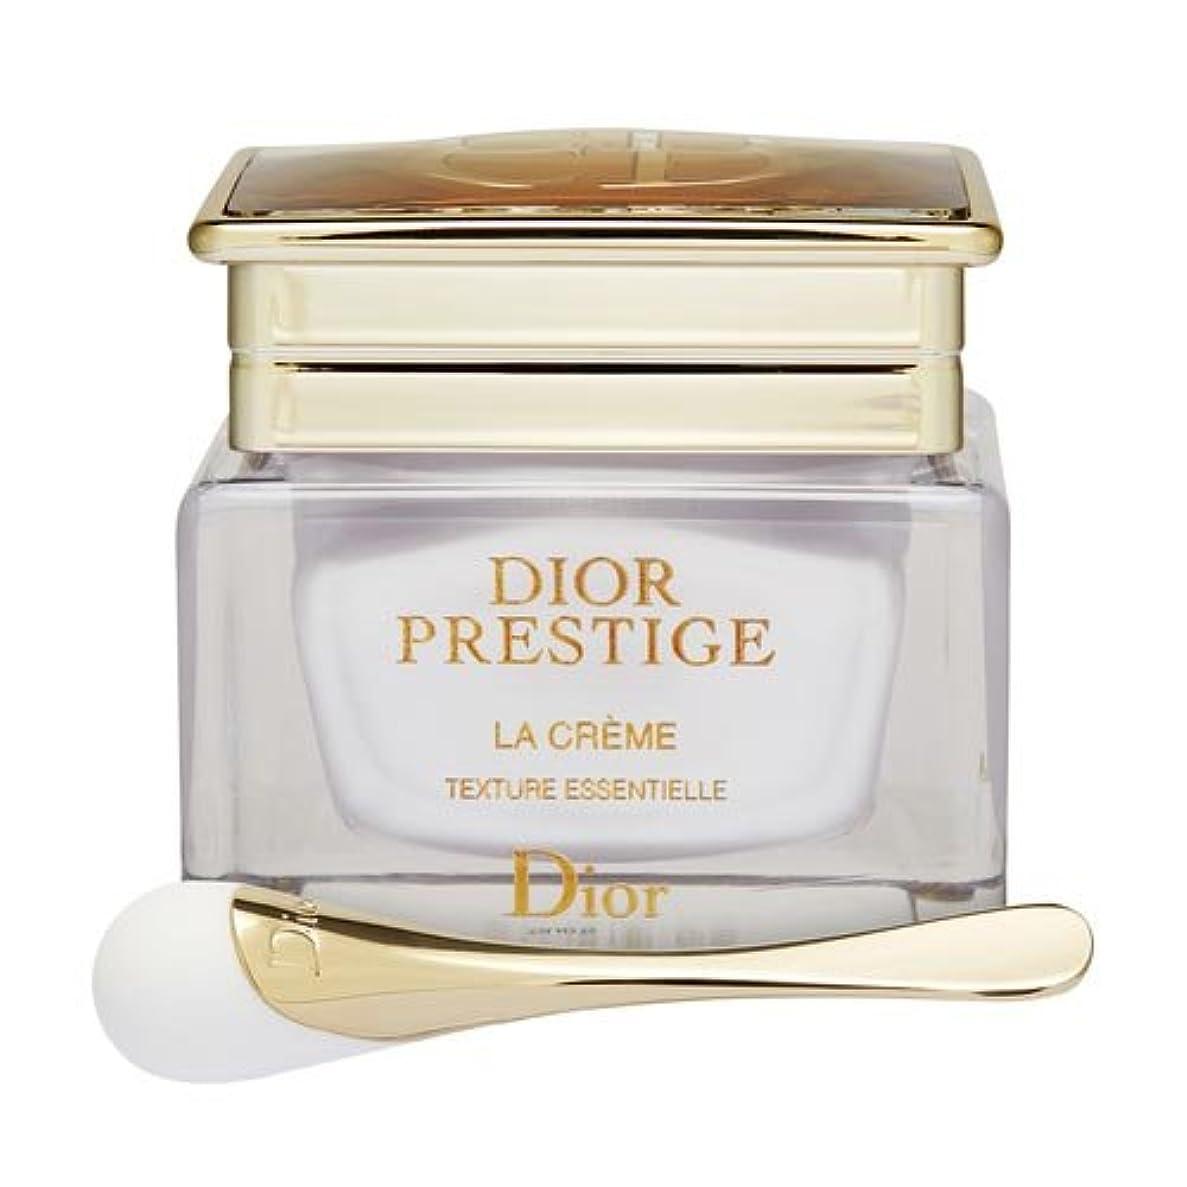 ディオール(Dior) プレステージ ラ クレーム 50ml[並行輸入品]